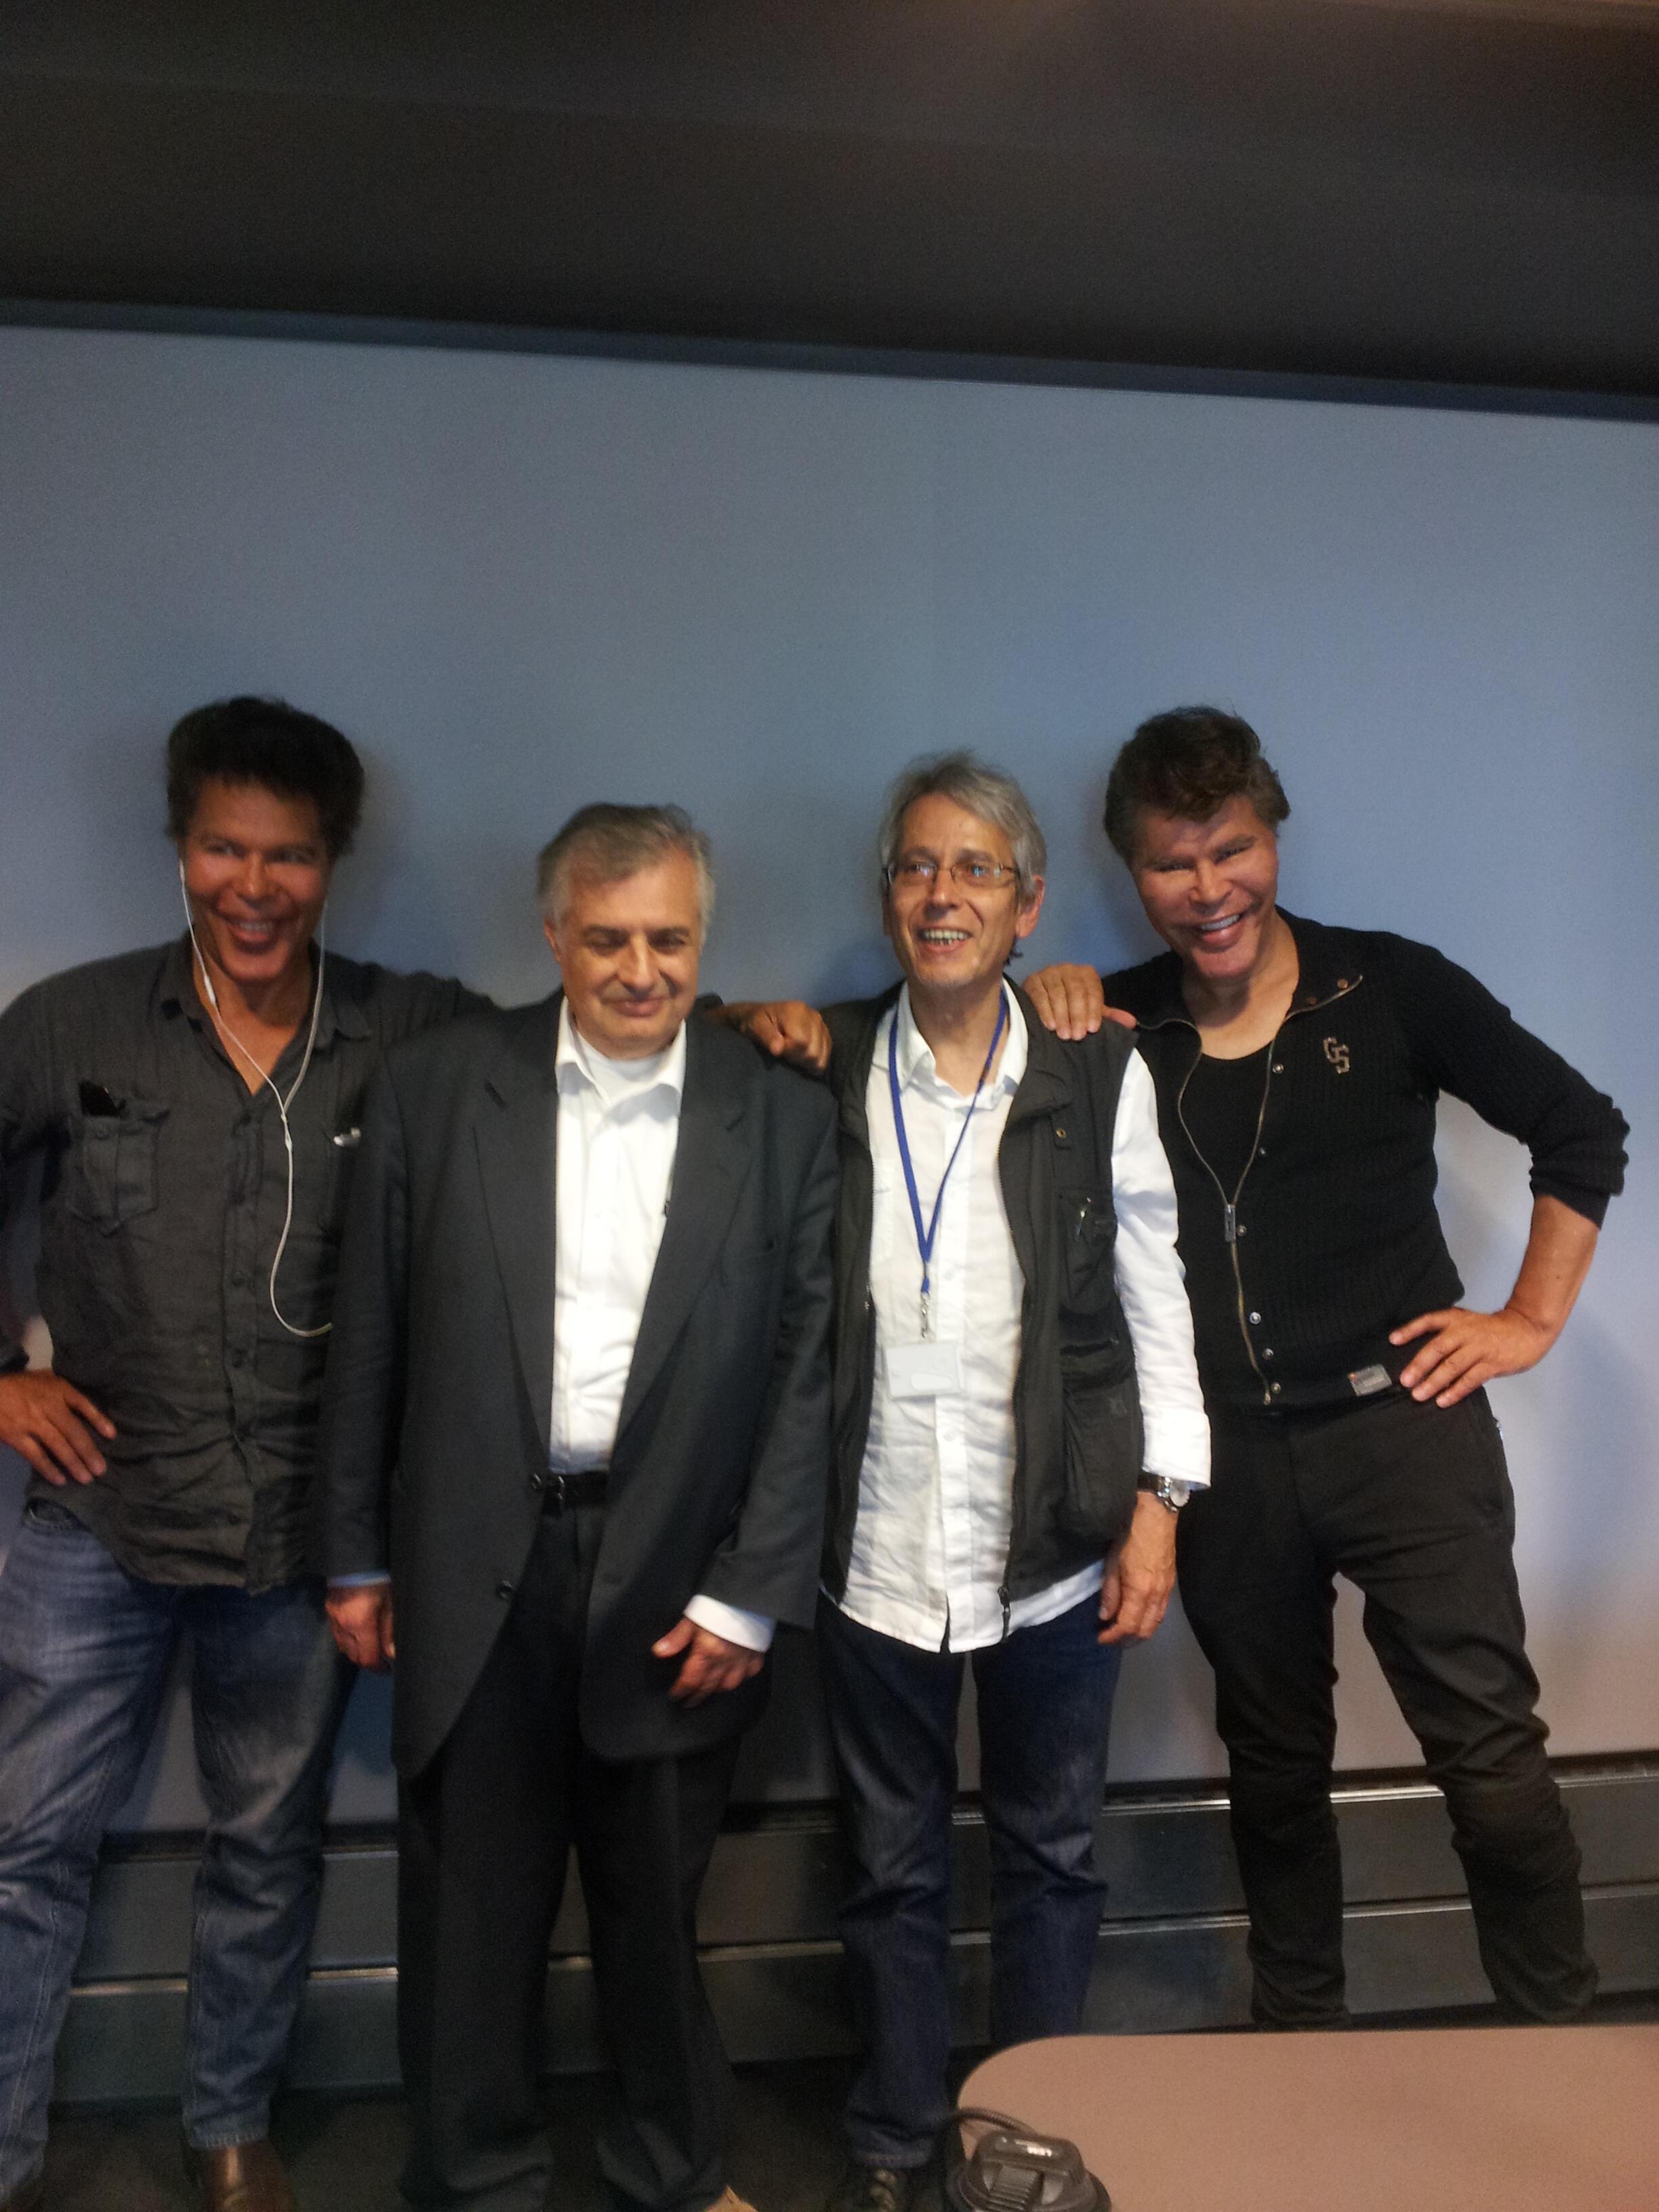 Les frères Bogdanov, Luis Gonzalez Mestres et Jean-Yves Casgha